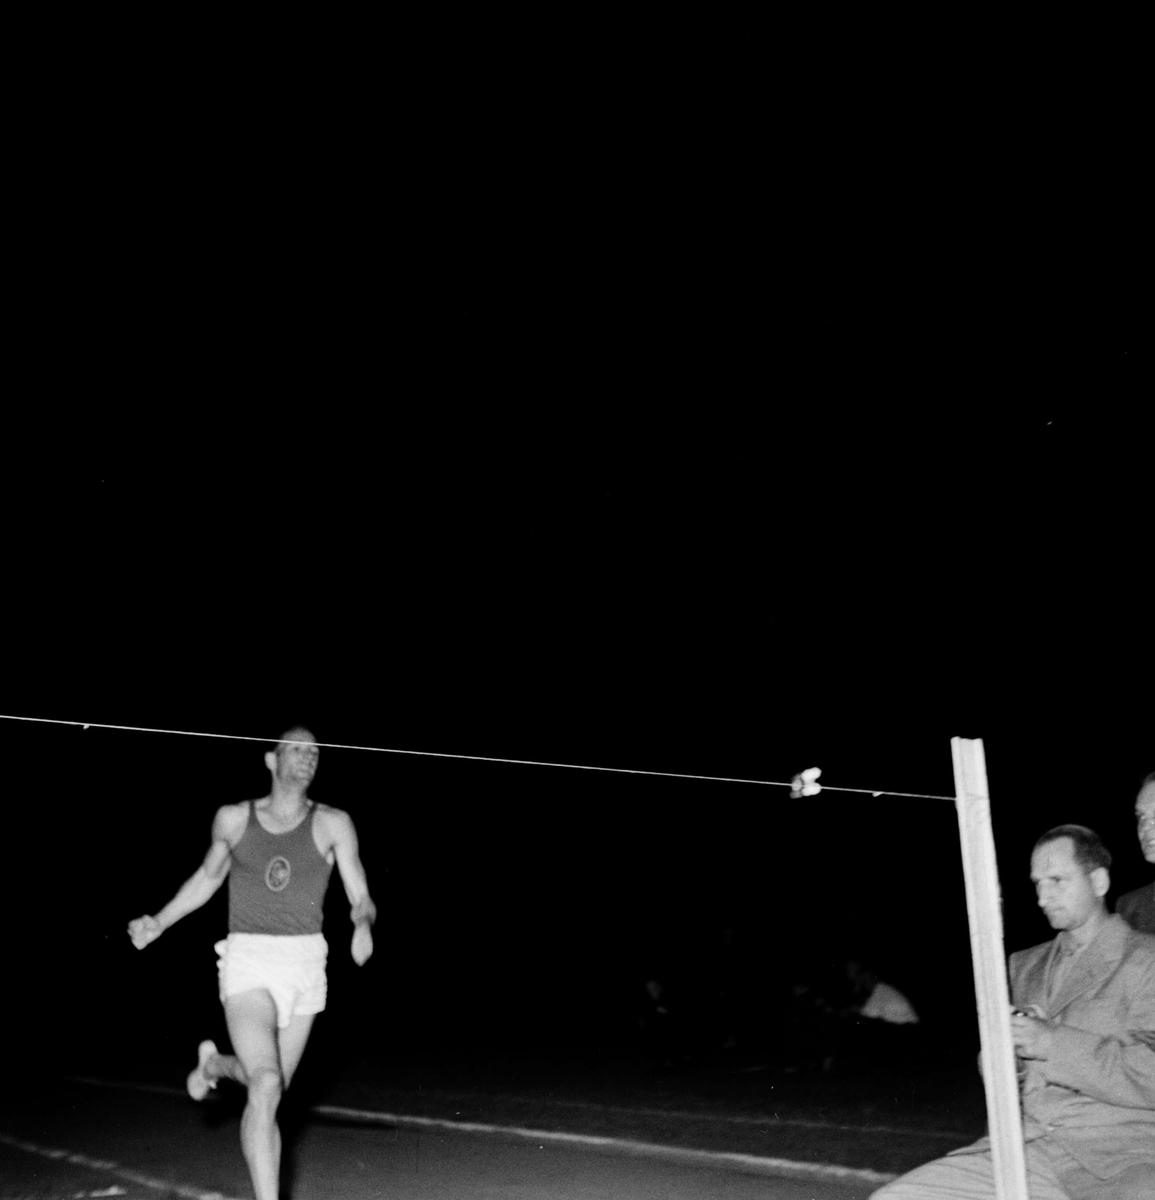 Upsala Idrottsförening, UIF - Augustispelen med fransmän på Studenternas Idrottsplats, Uppsala 1947